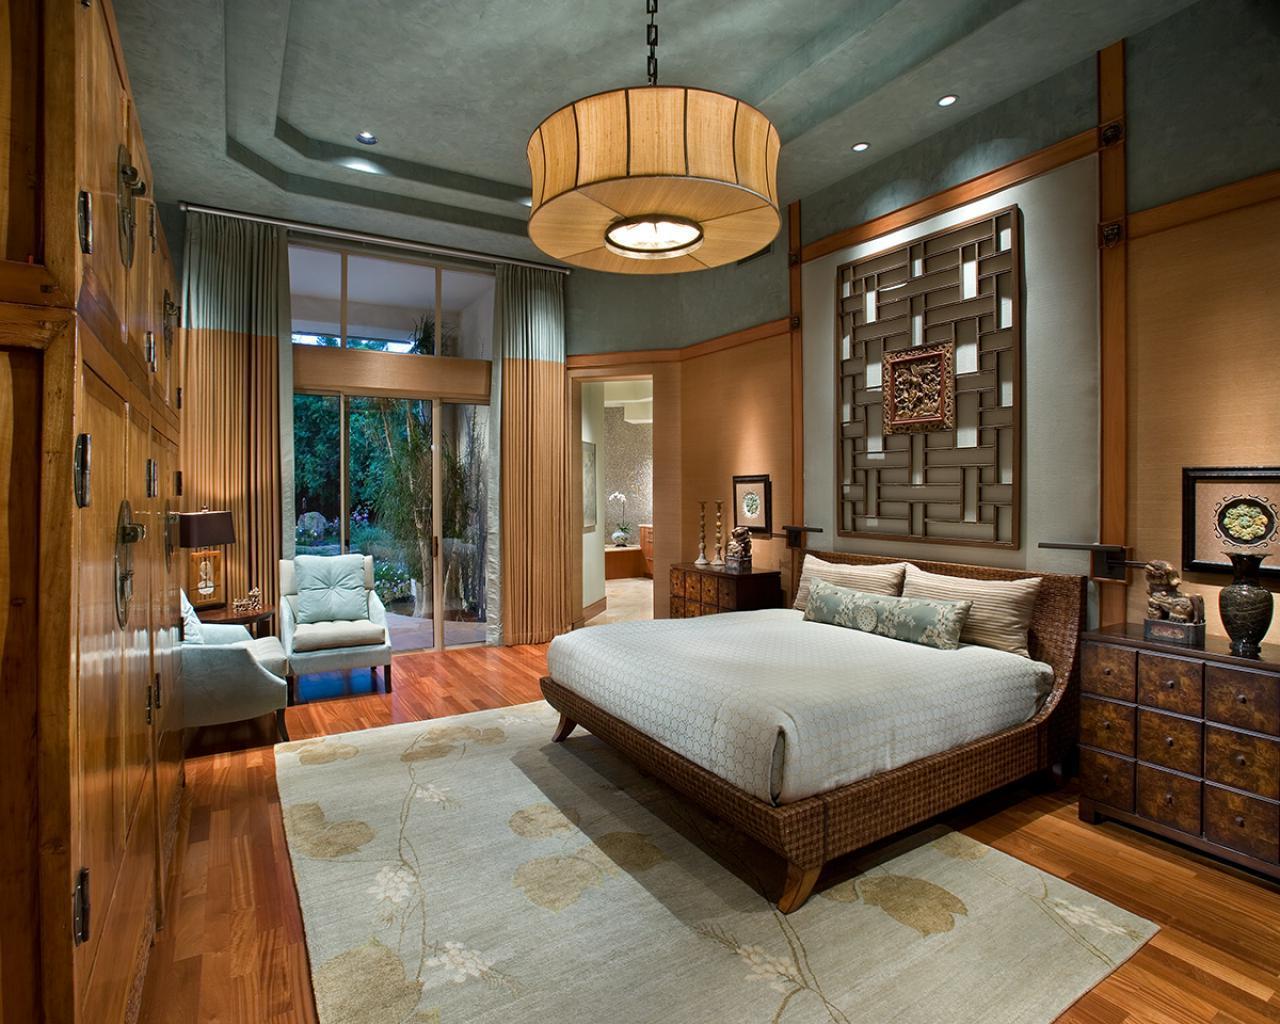 fullerton-nude-pictures-of-asian-interior-design